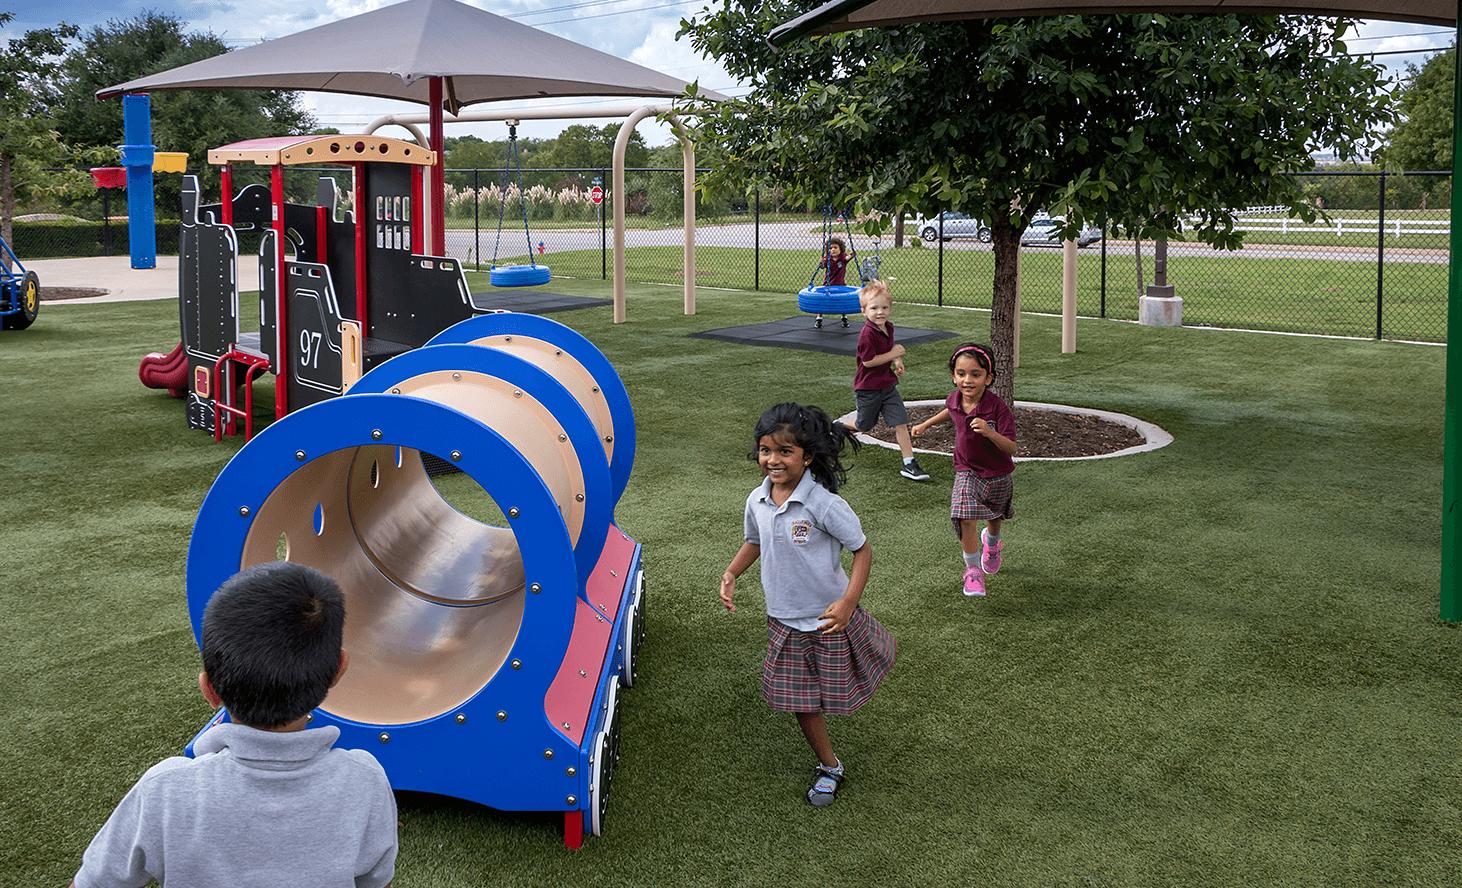 Playground Fun | Challenger School - Round Rock | Private School In Round Rock, Texas